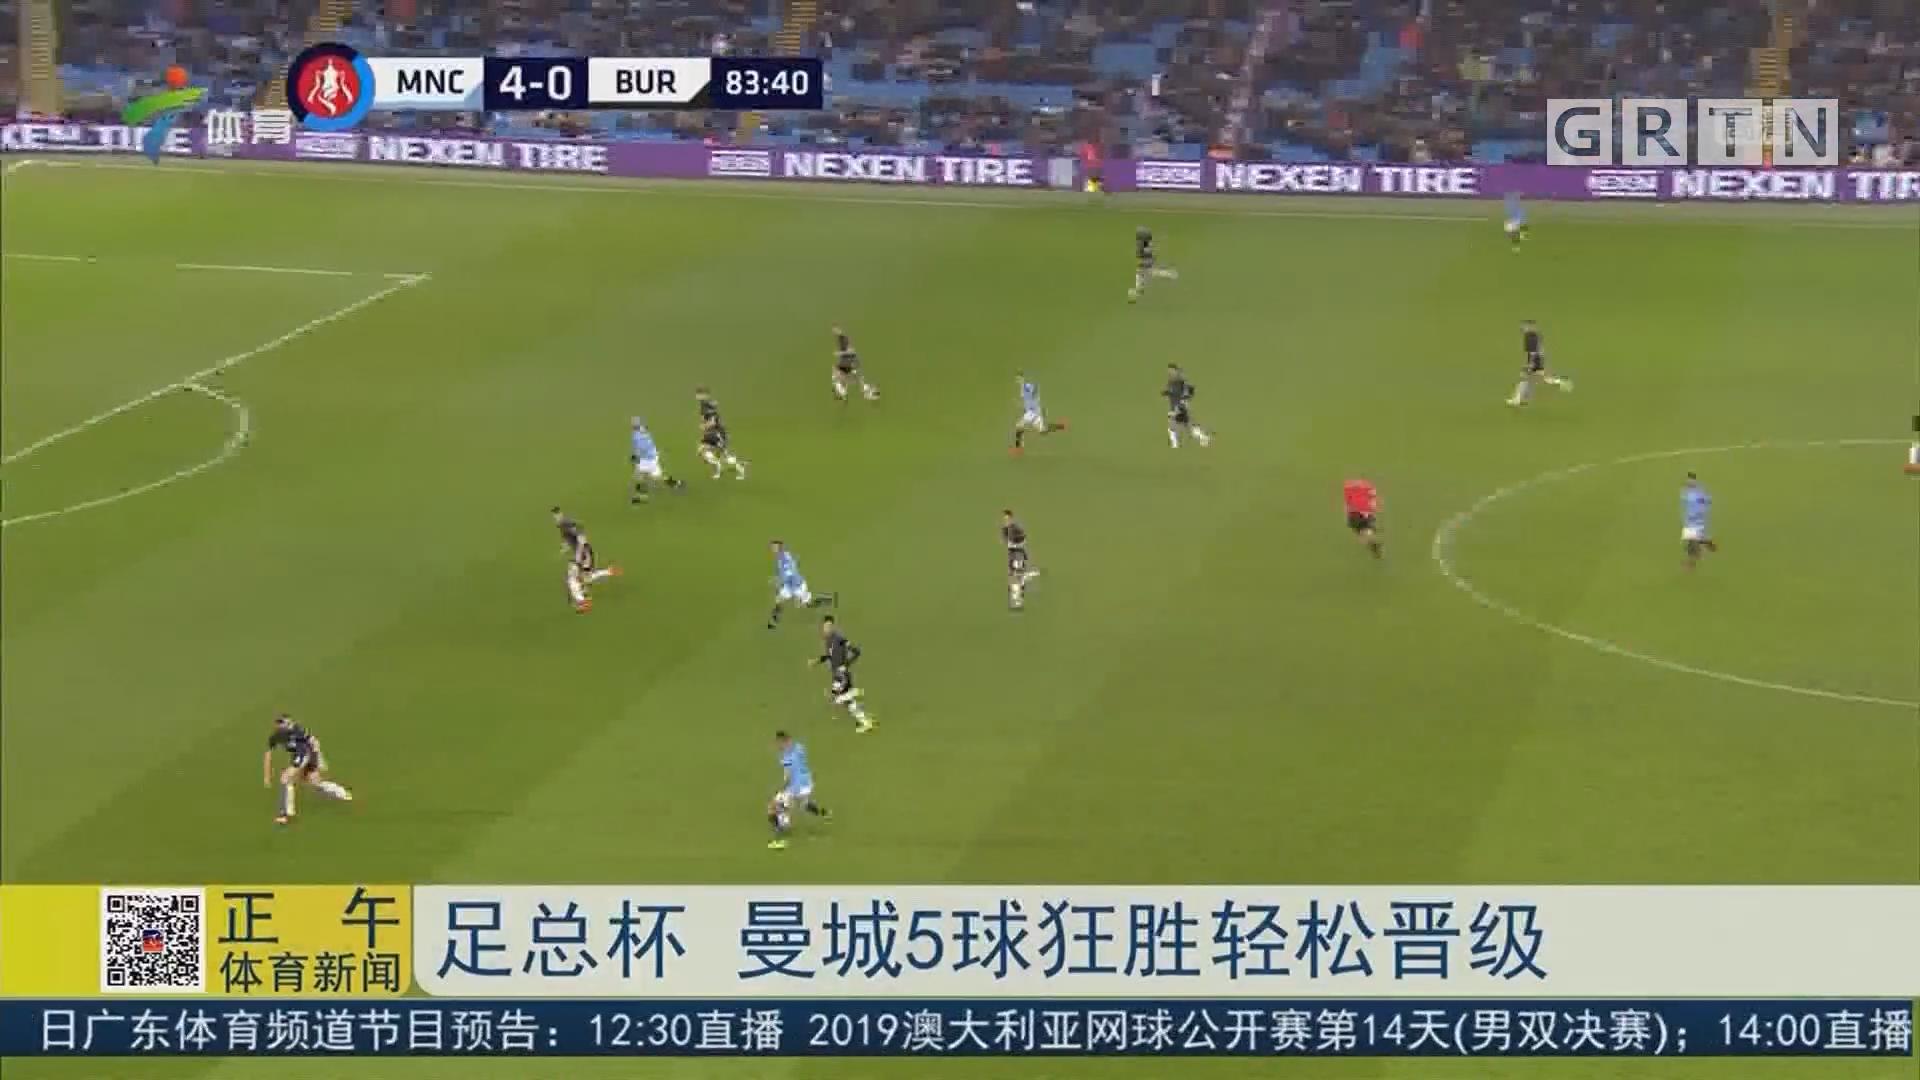 足总杯 曼城5球狂胜轻松晋级